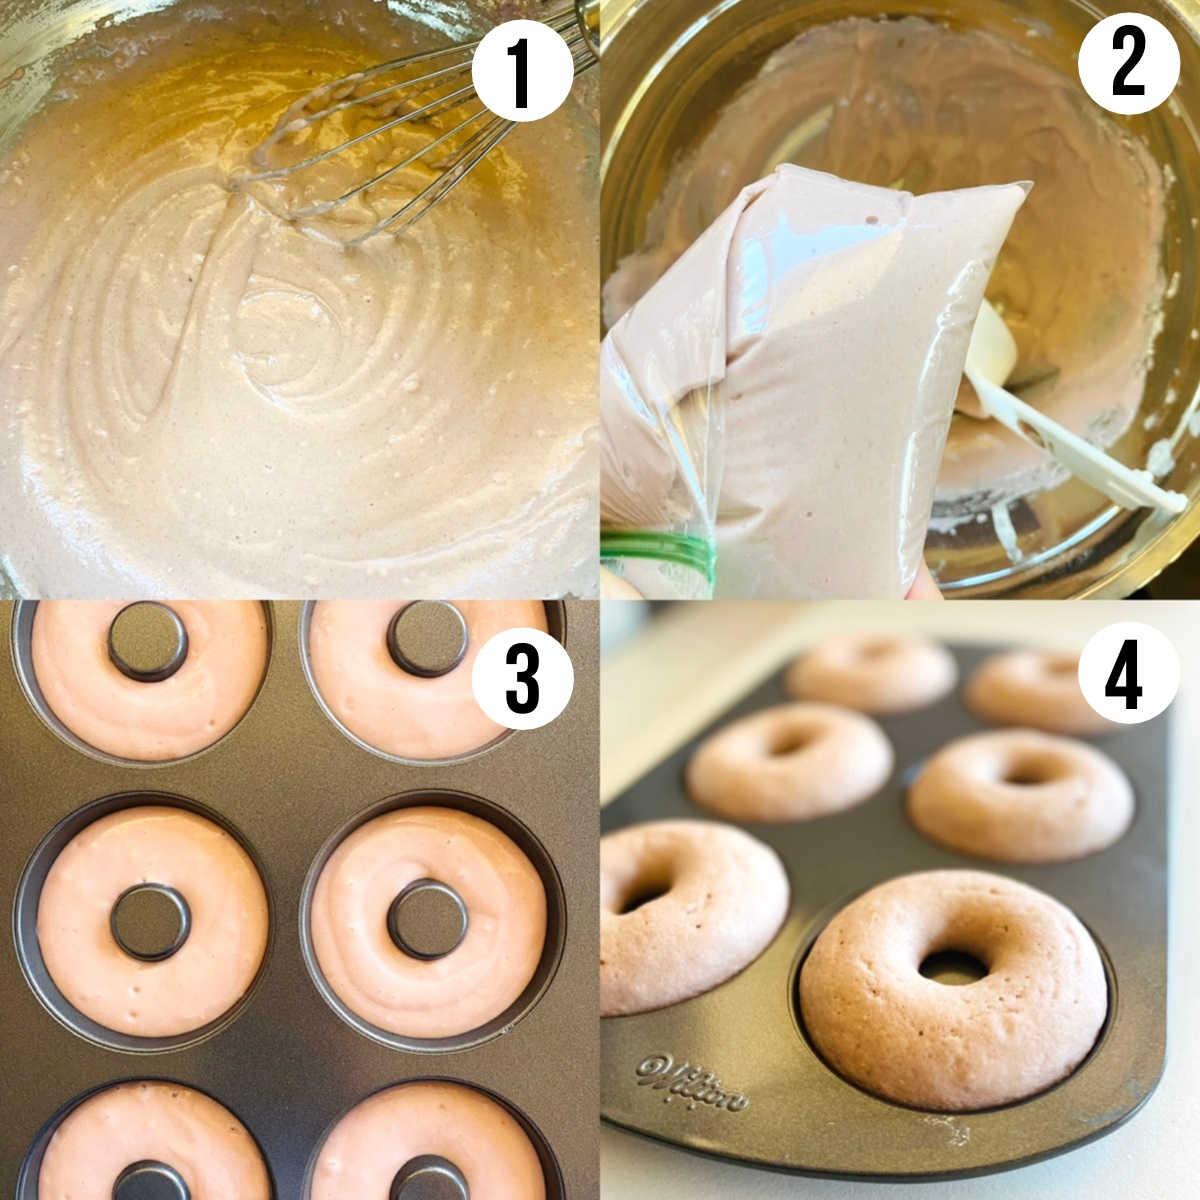 ube donuts process shots 1 - 4